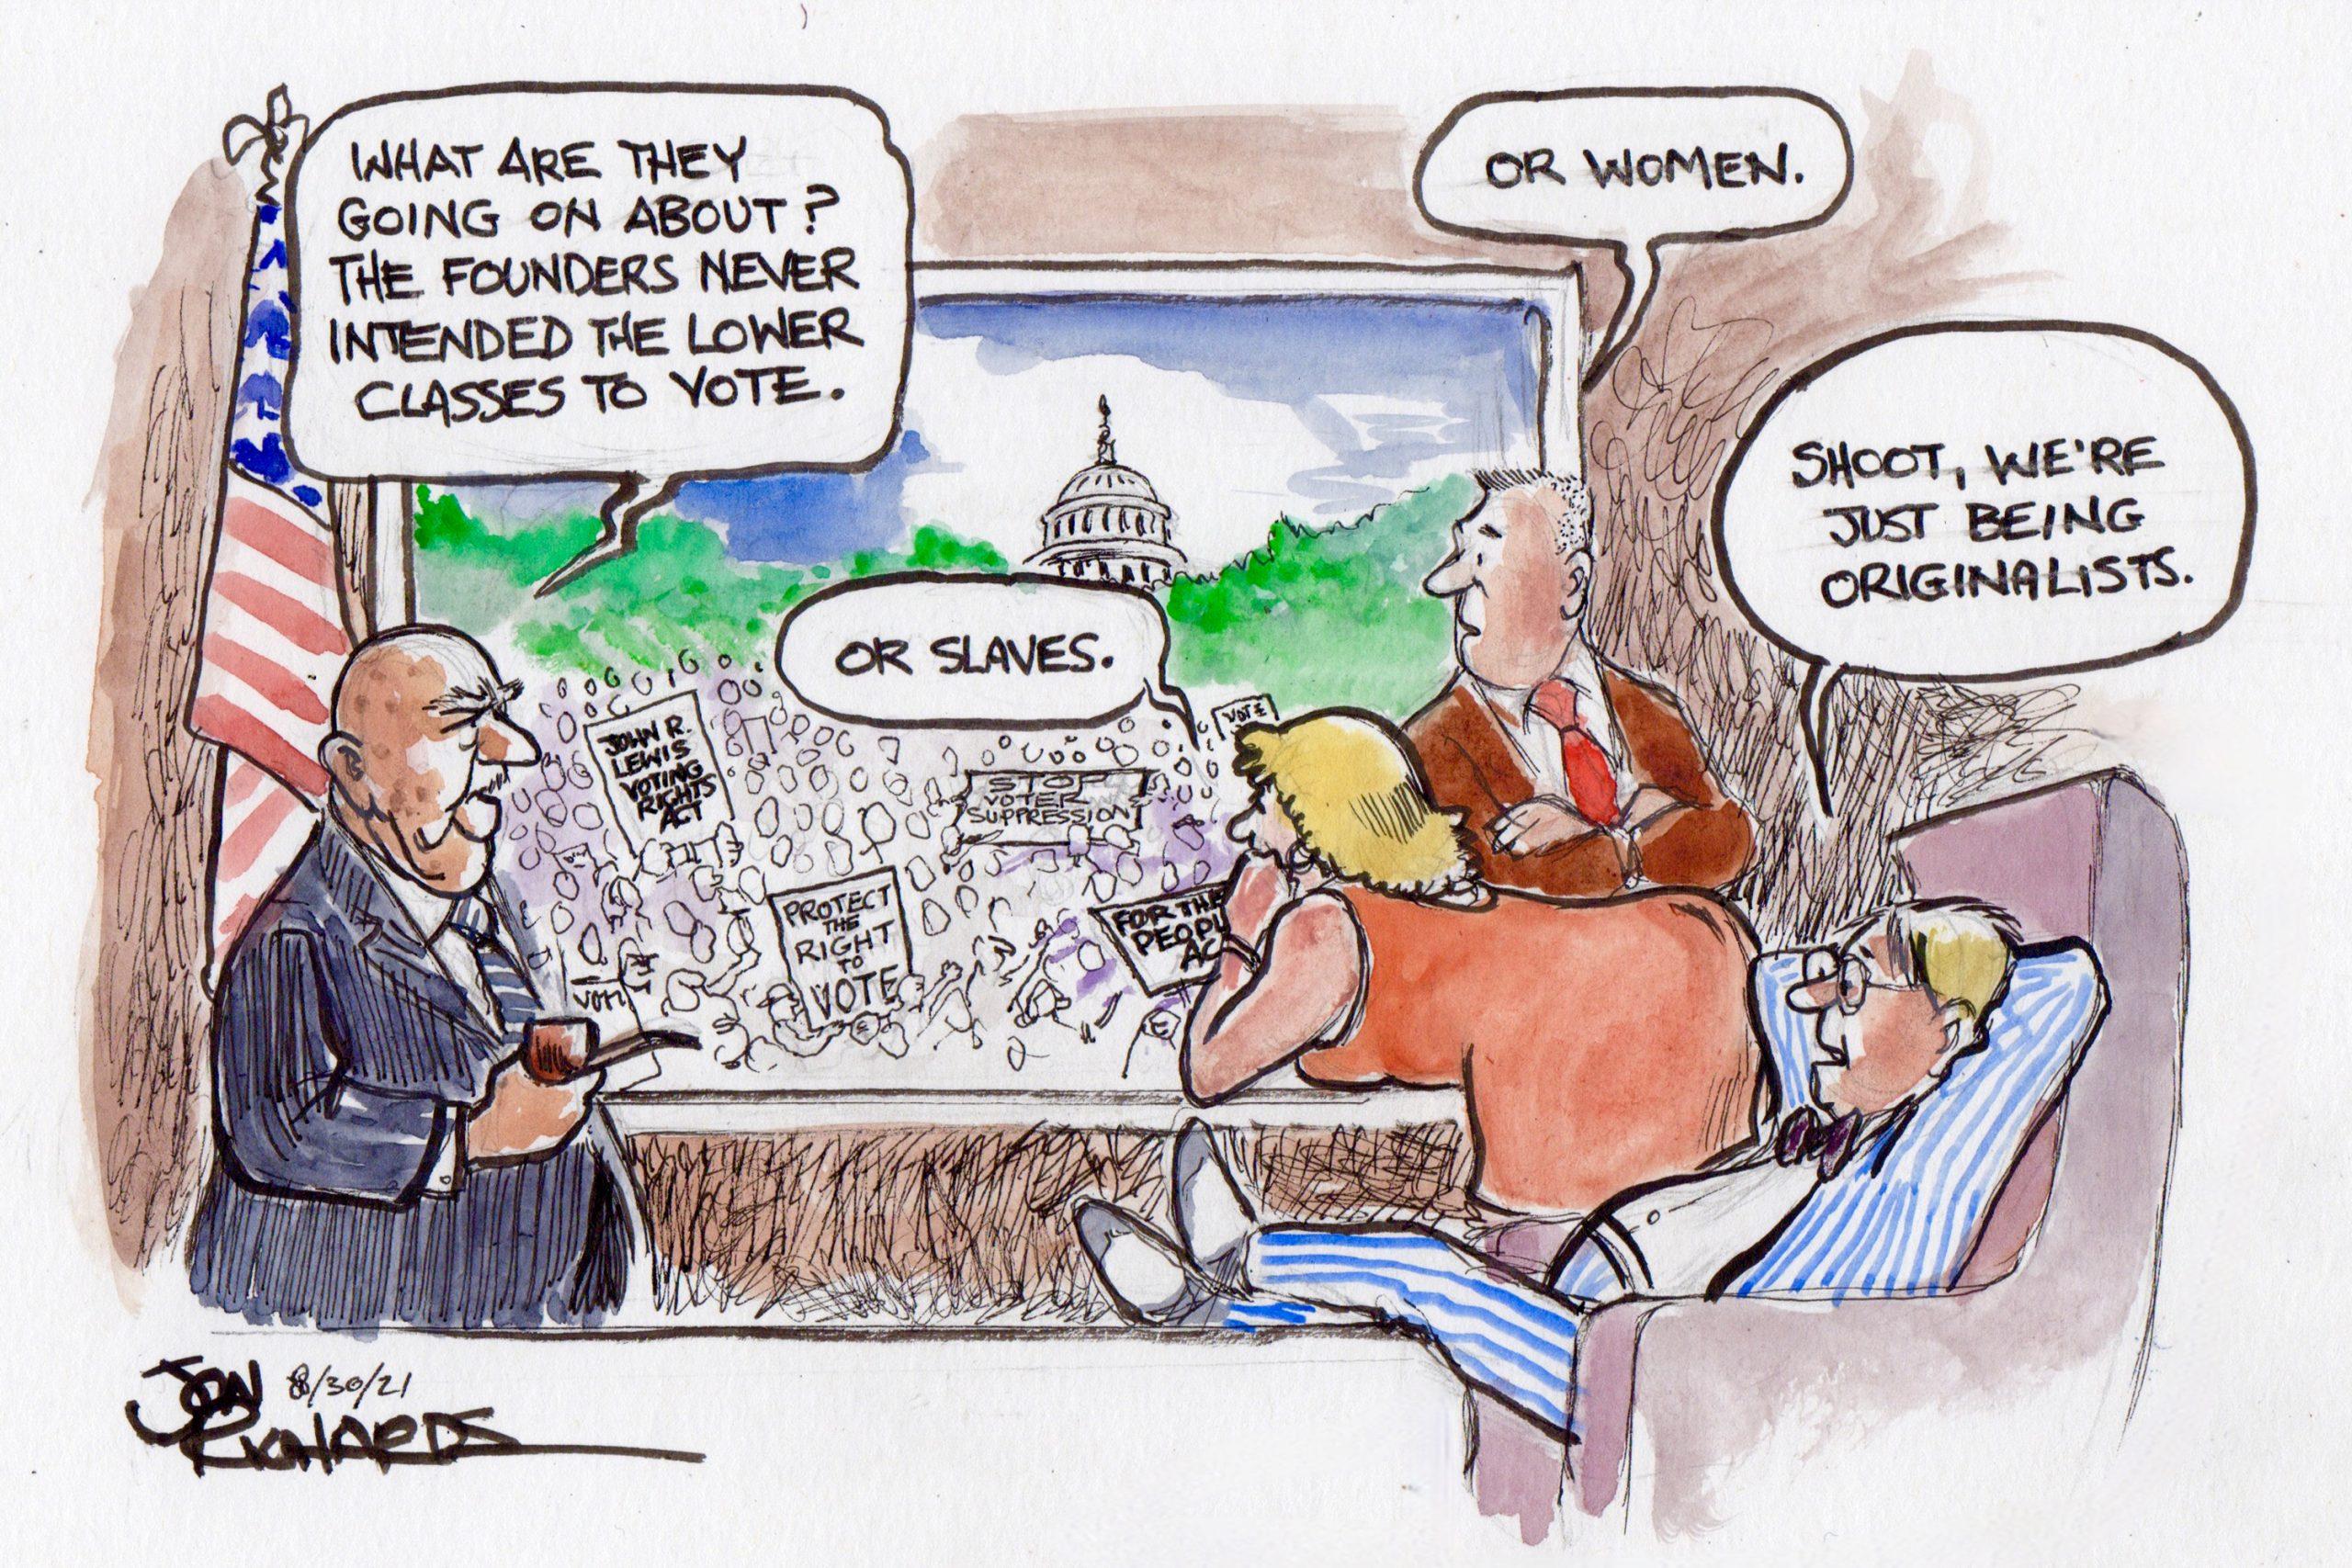 Originalists, constitution